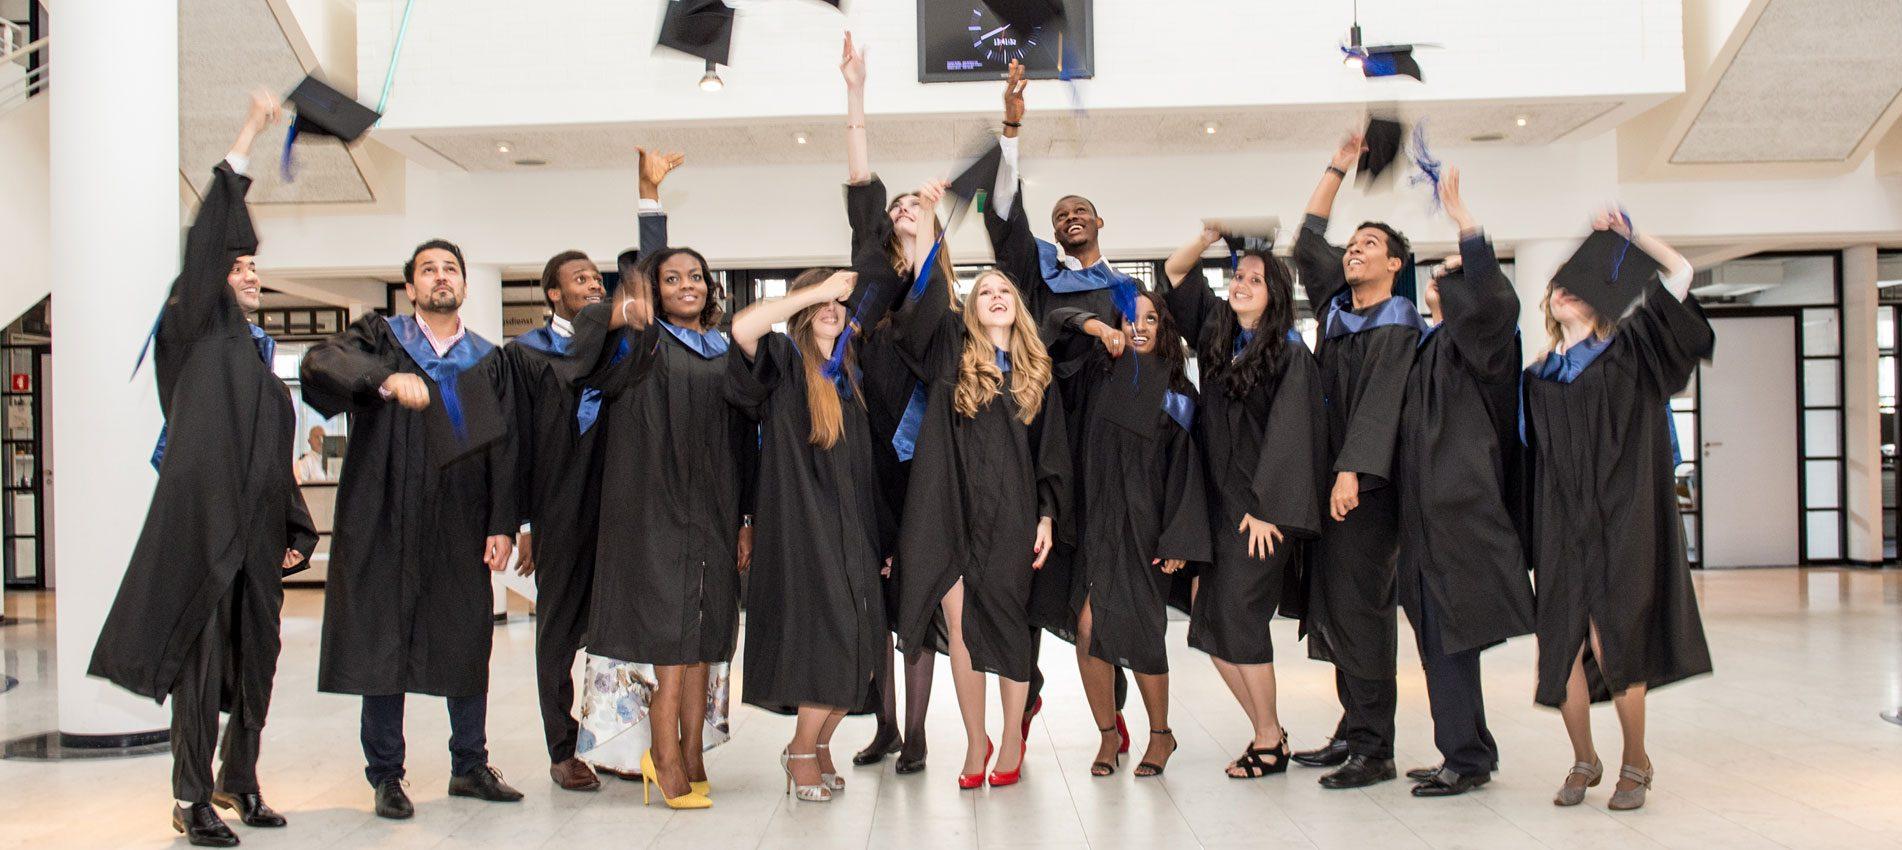 افضل الجامعات - الدراسة في هولندا -شركة لنك ألدولية